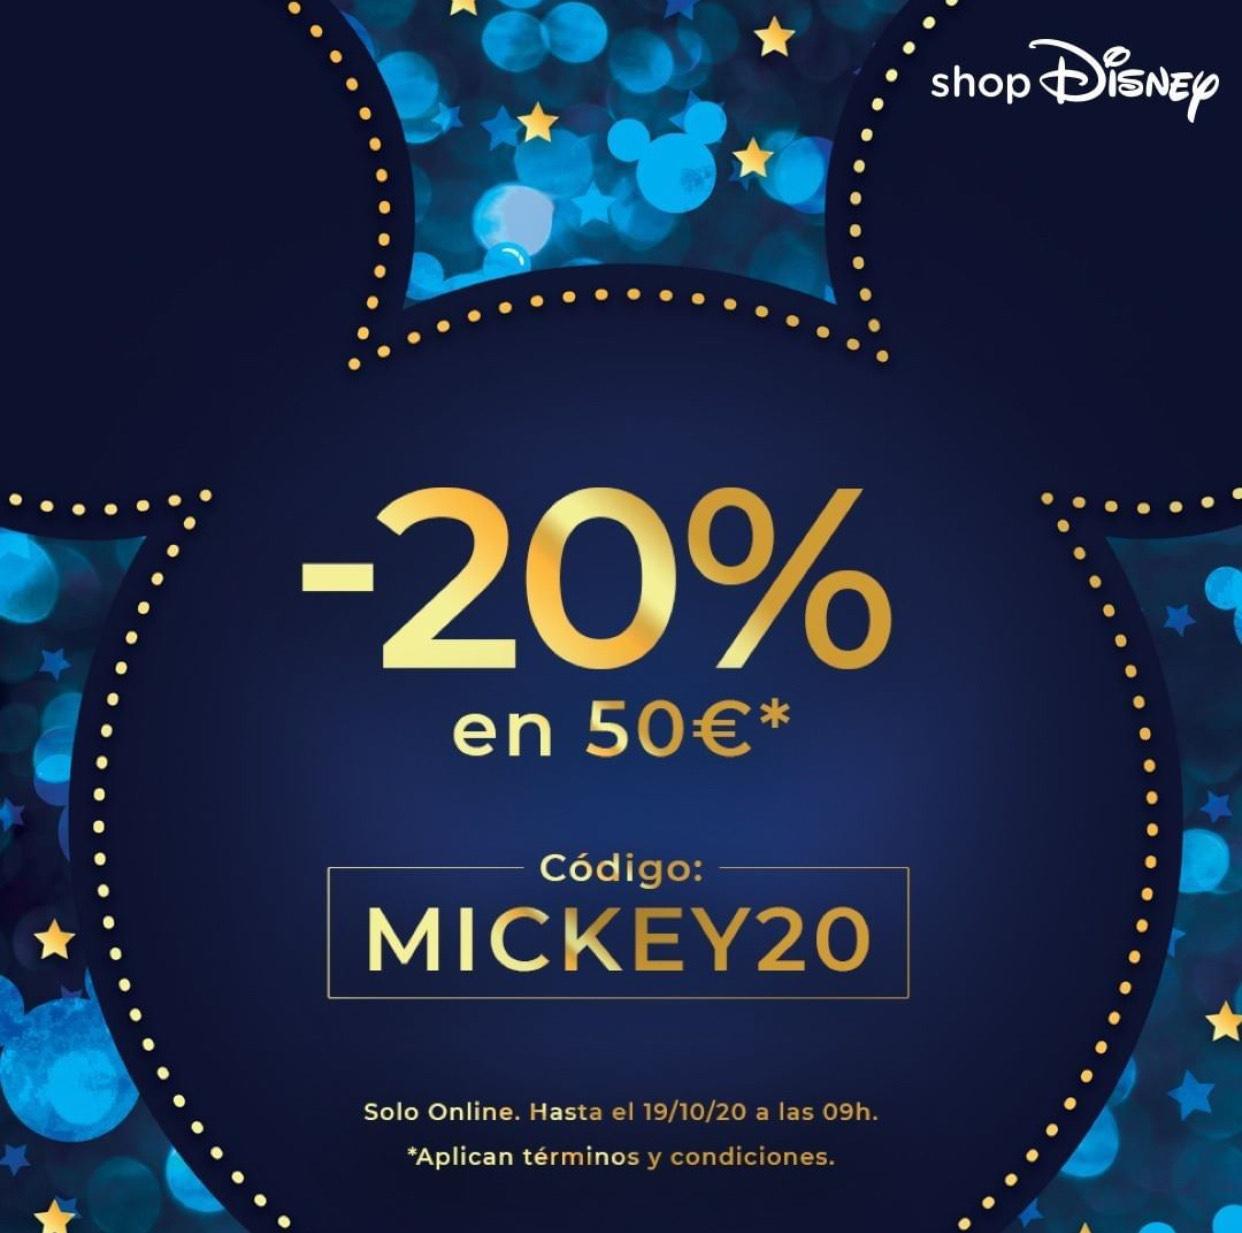 -20% gastando 50 €